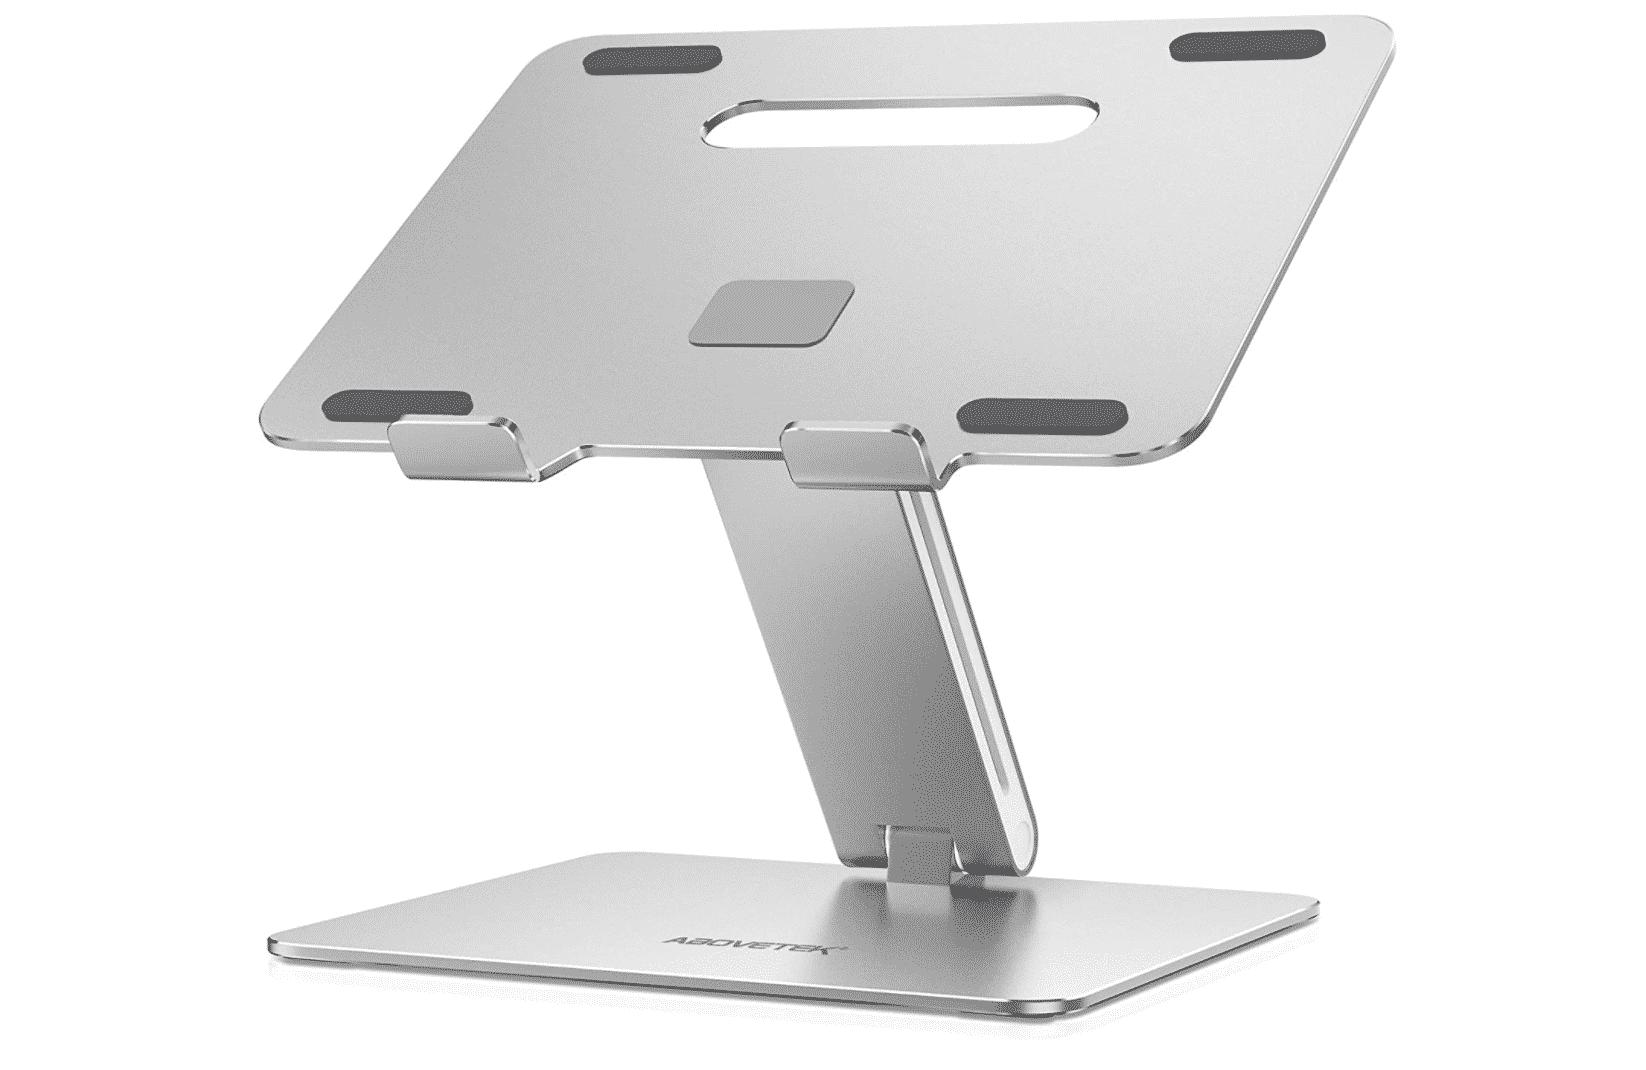 TEK Adjustable Laptop Stand